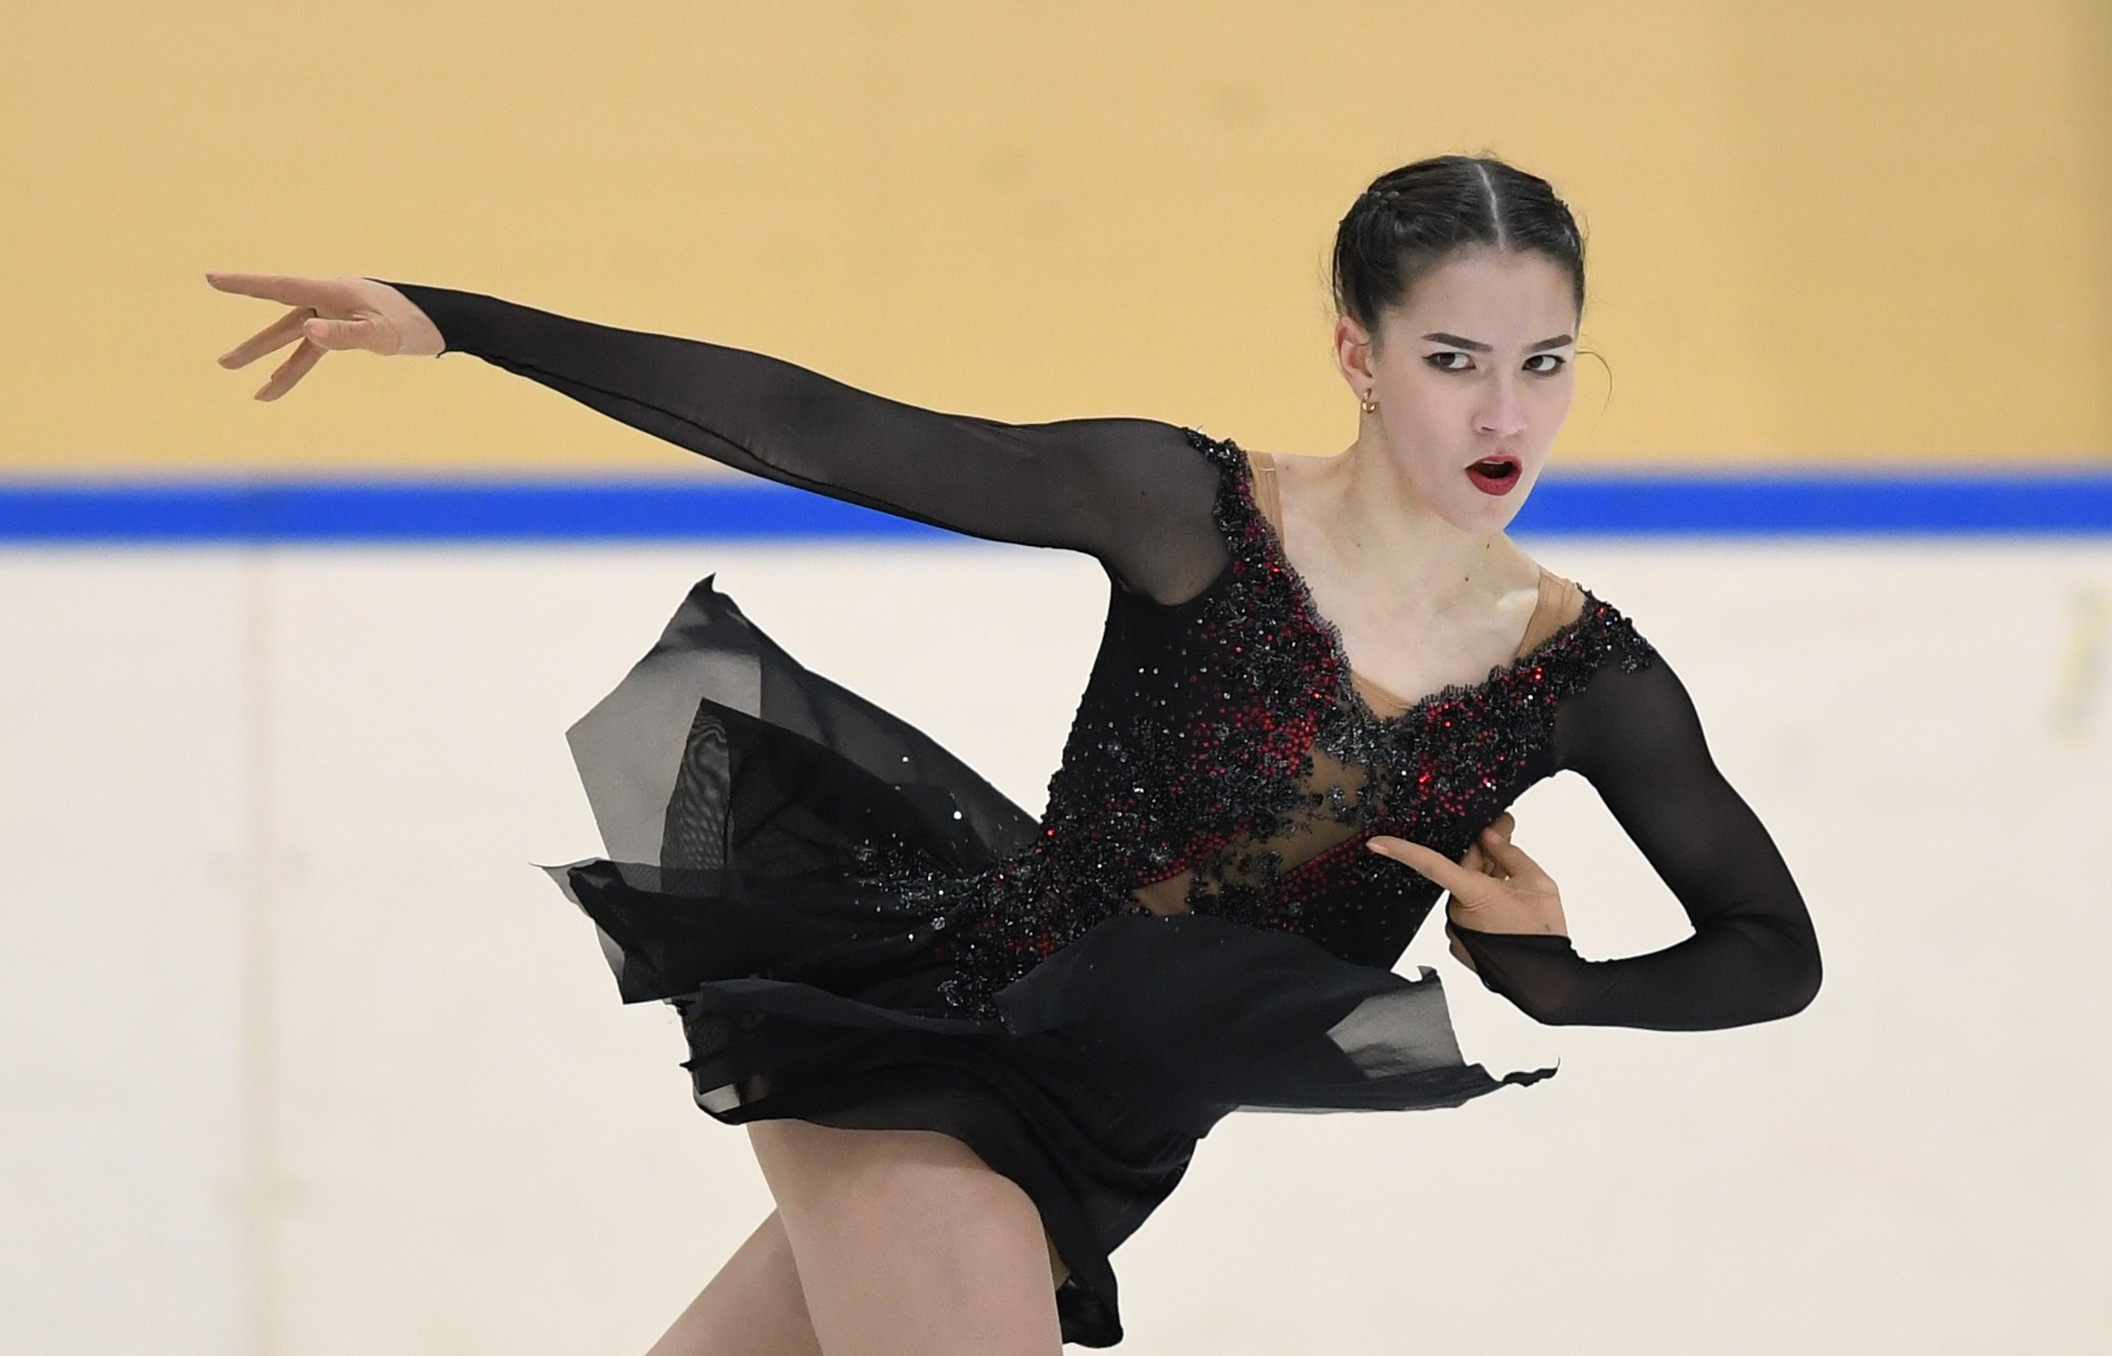 Станислава Константинова сама лишила себя шансов на ЧМ. Фото: © РИА Новости / Нина Зотина